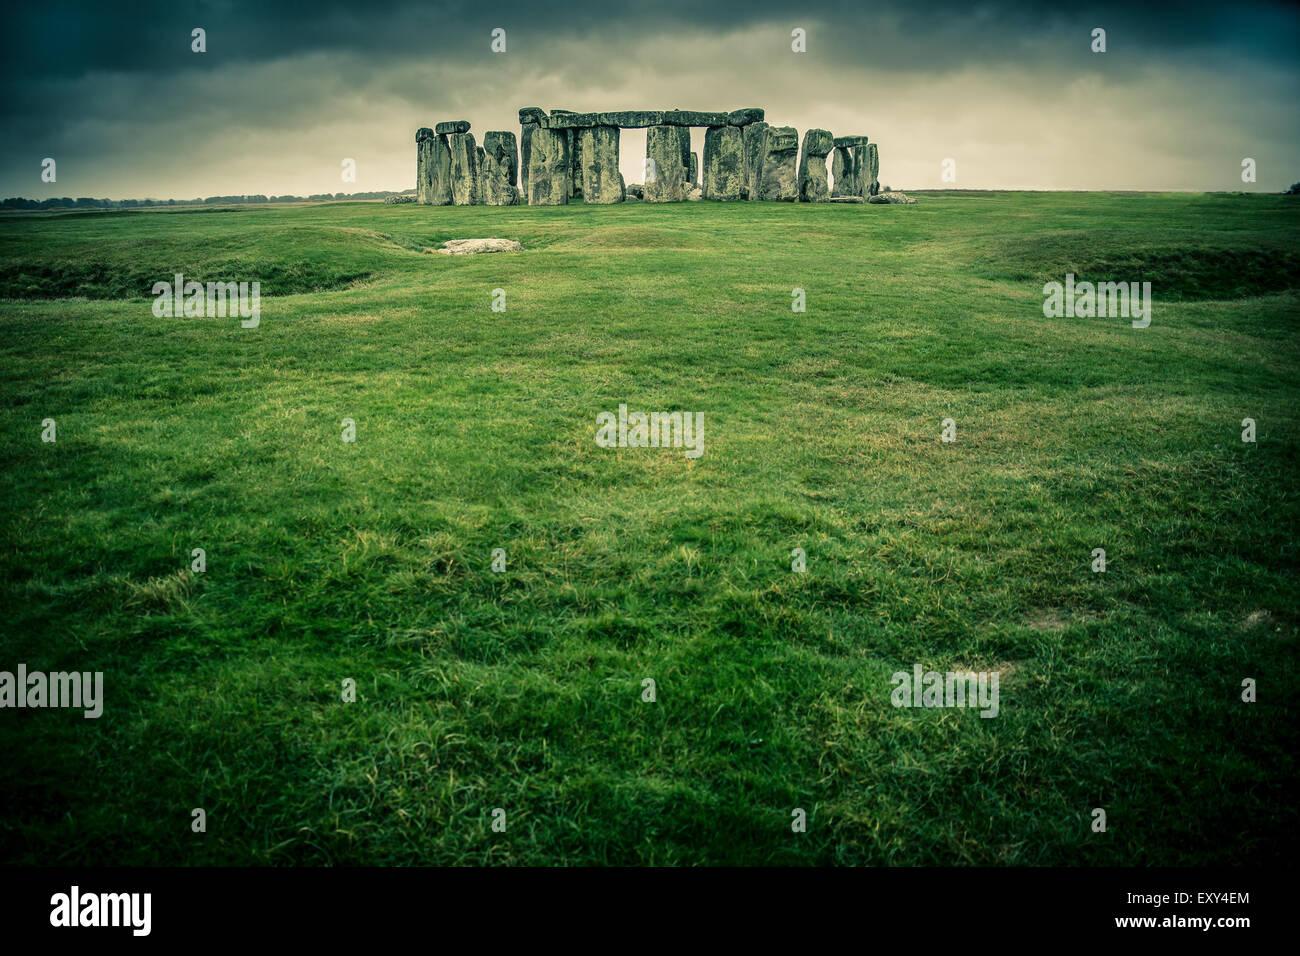 Wiese führt zu Stonehenge an einem bewölkten grauen Tag Stockbild